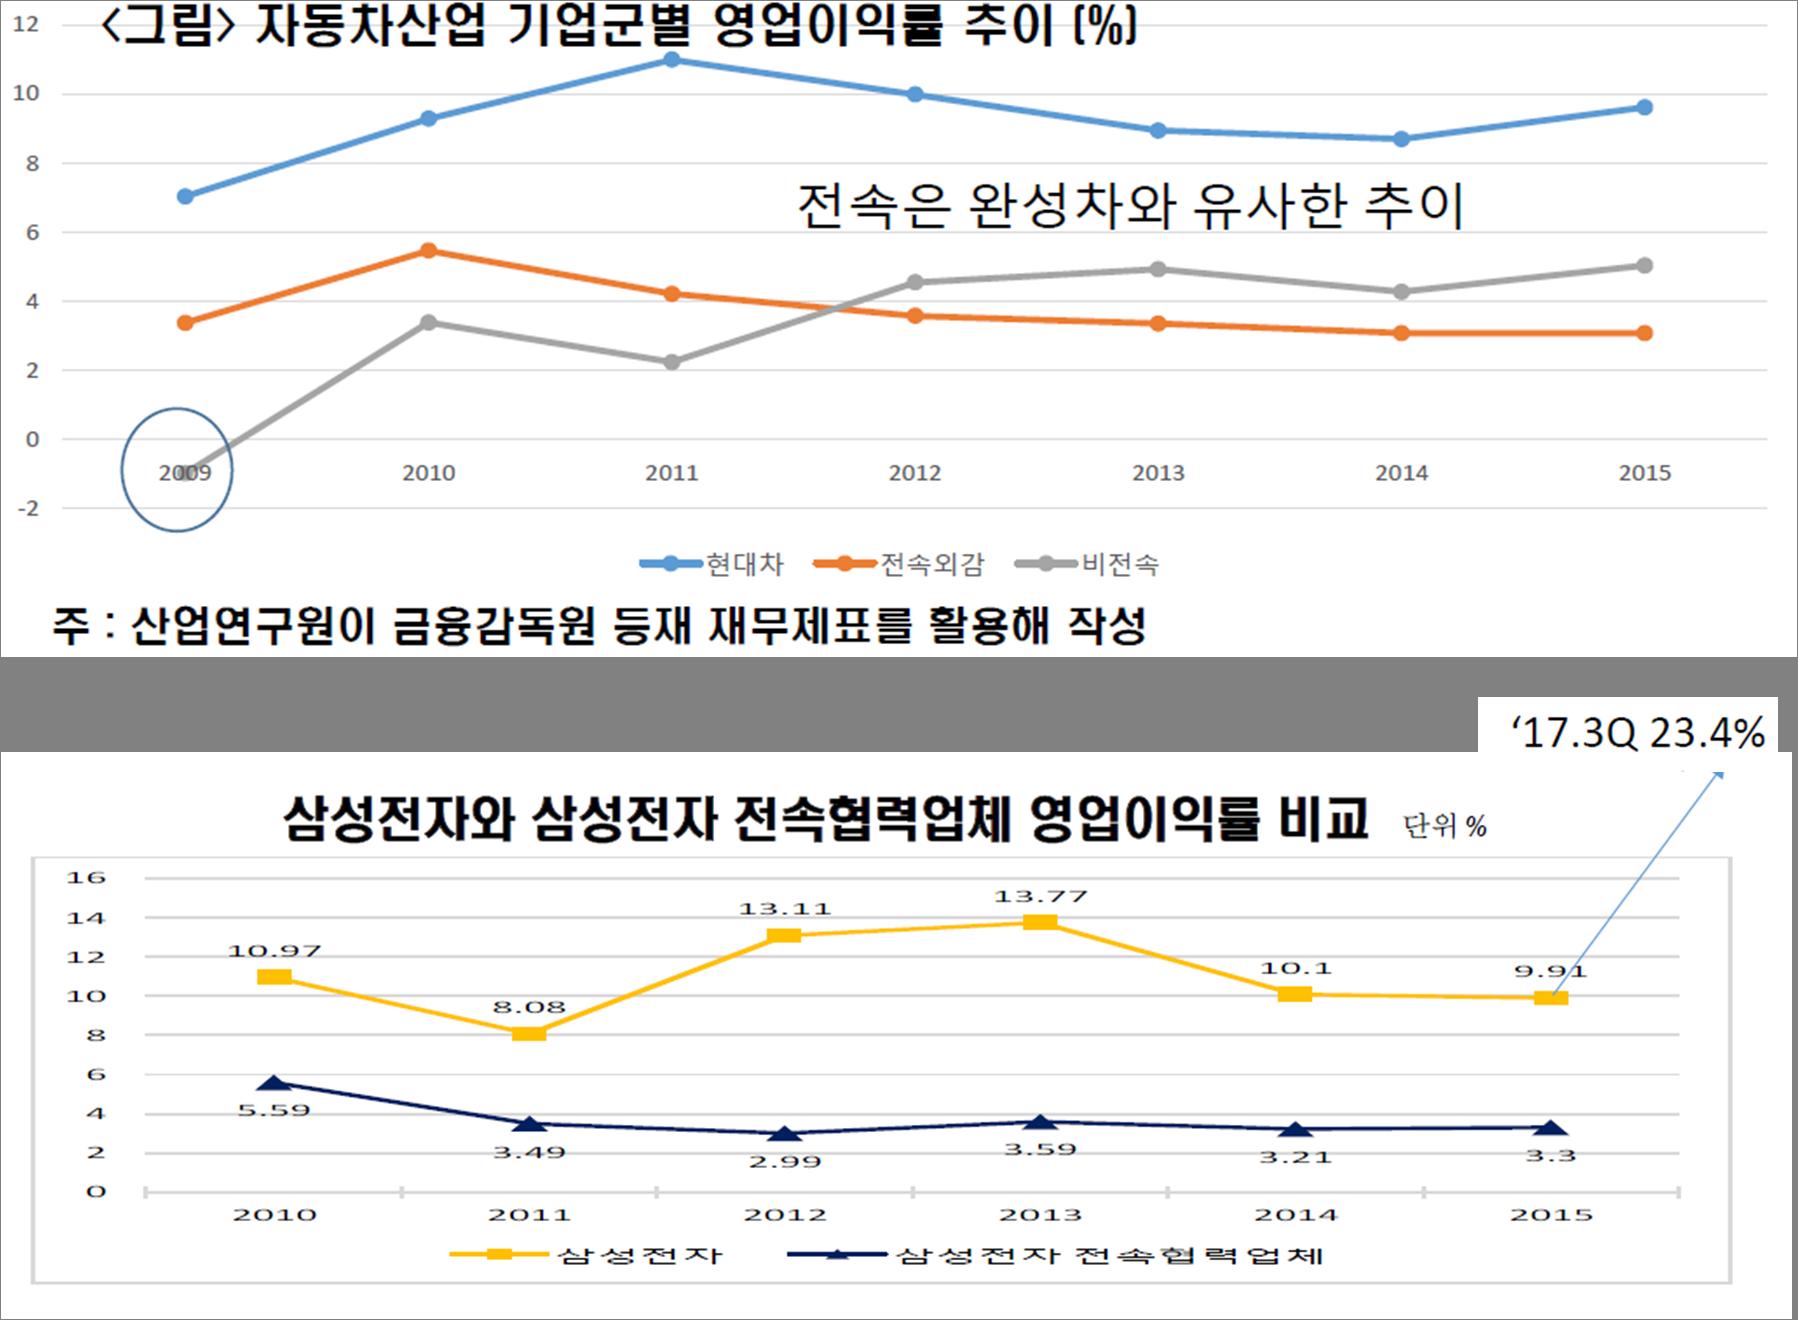 자동차/전자업종 기업군별 영업이익률 추이<출처 : 산업연구원>